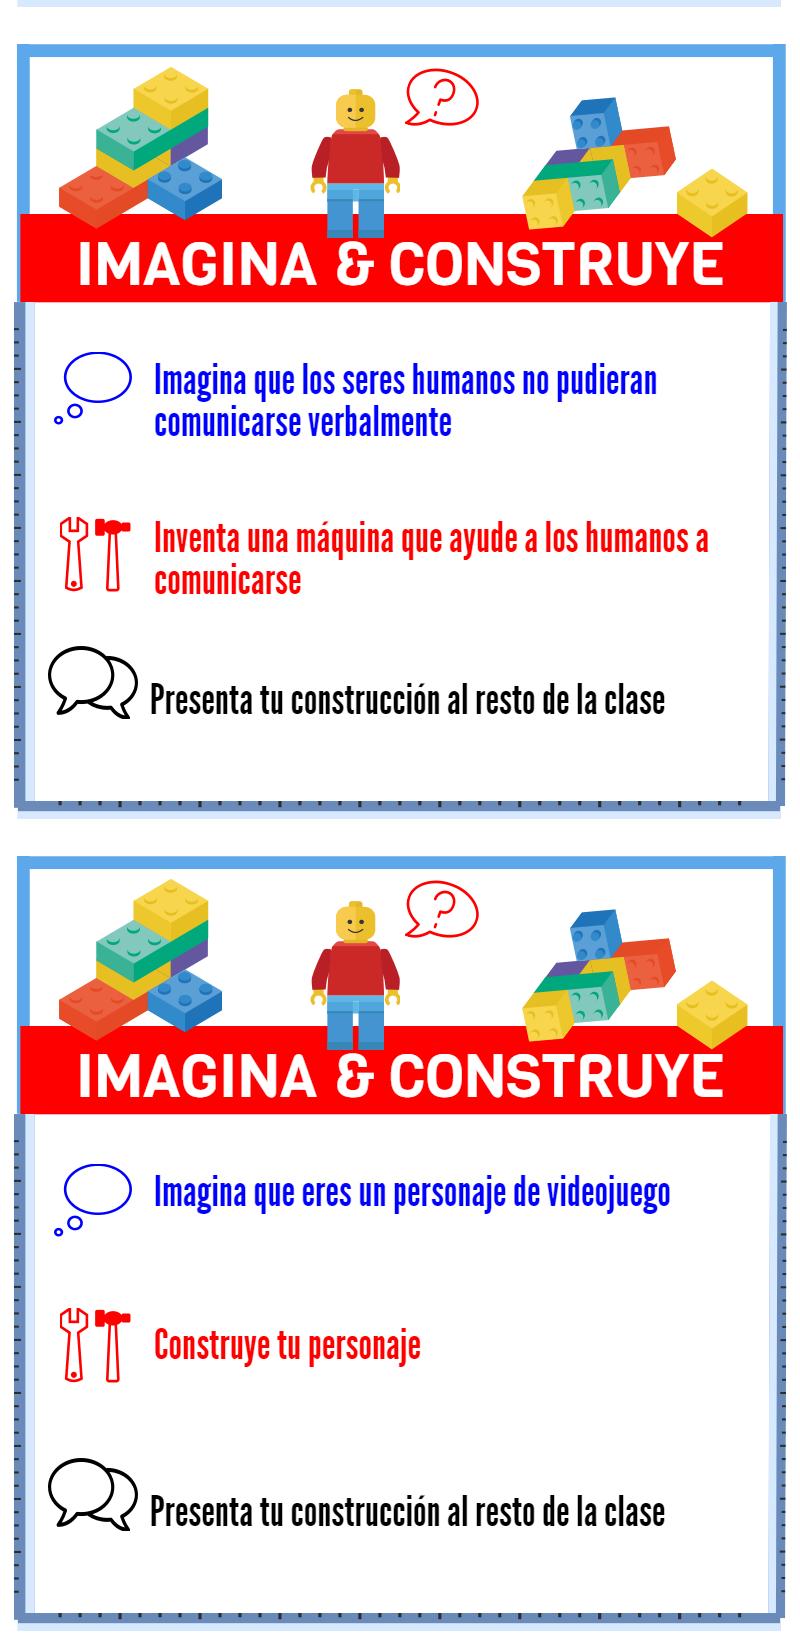 Imagina & Construye_3